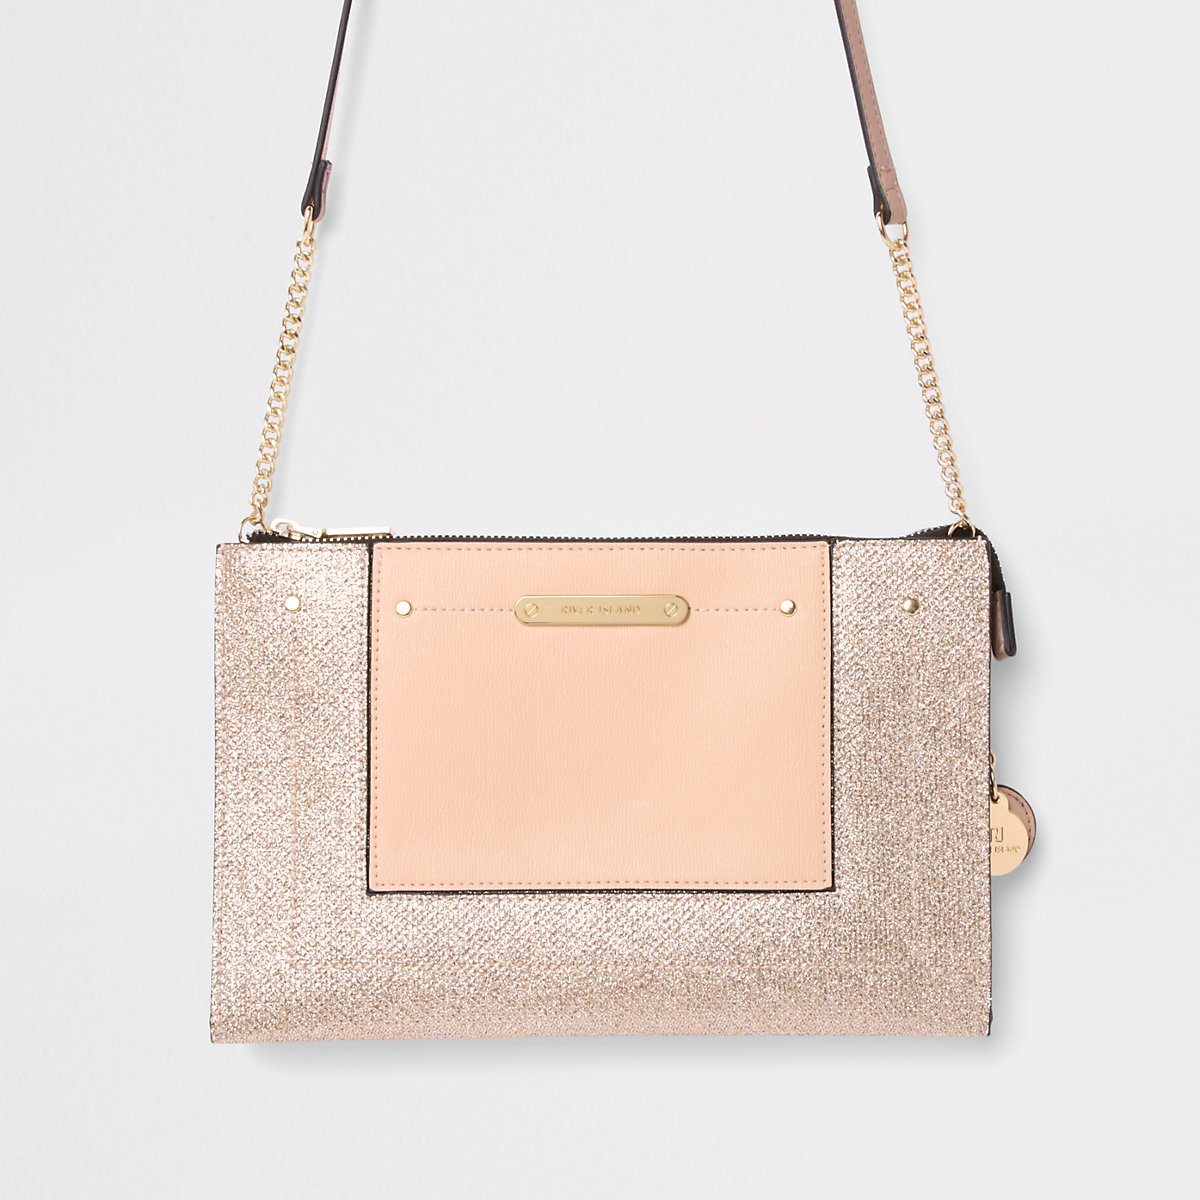 Gold embossed glitter cross body bag